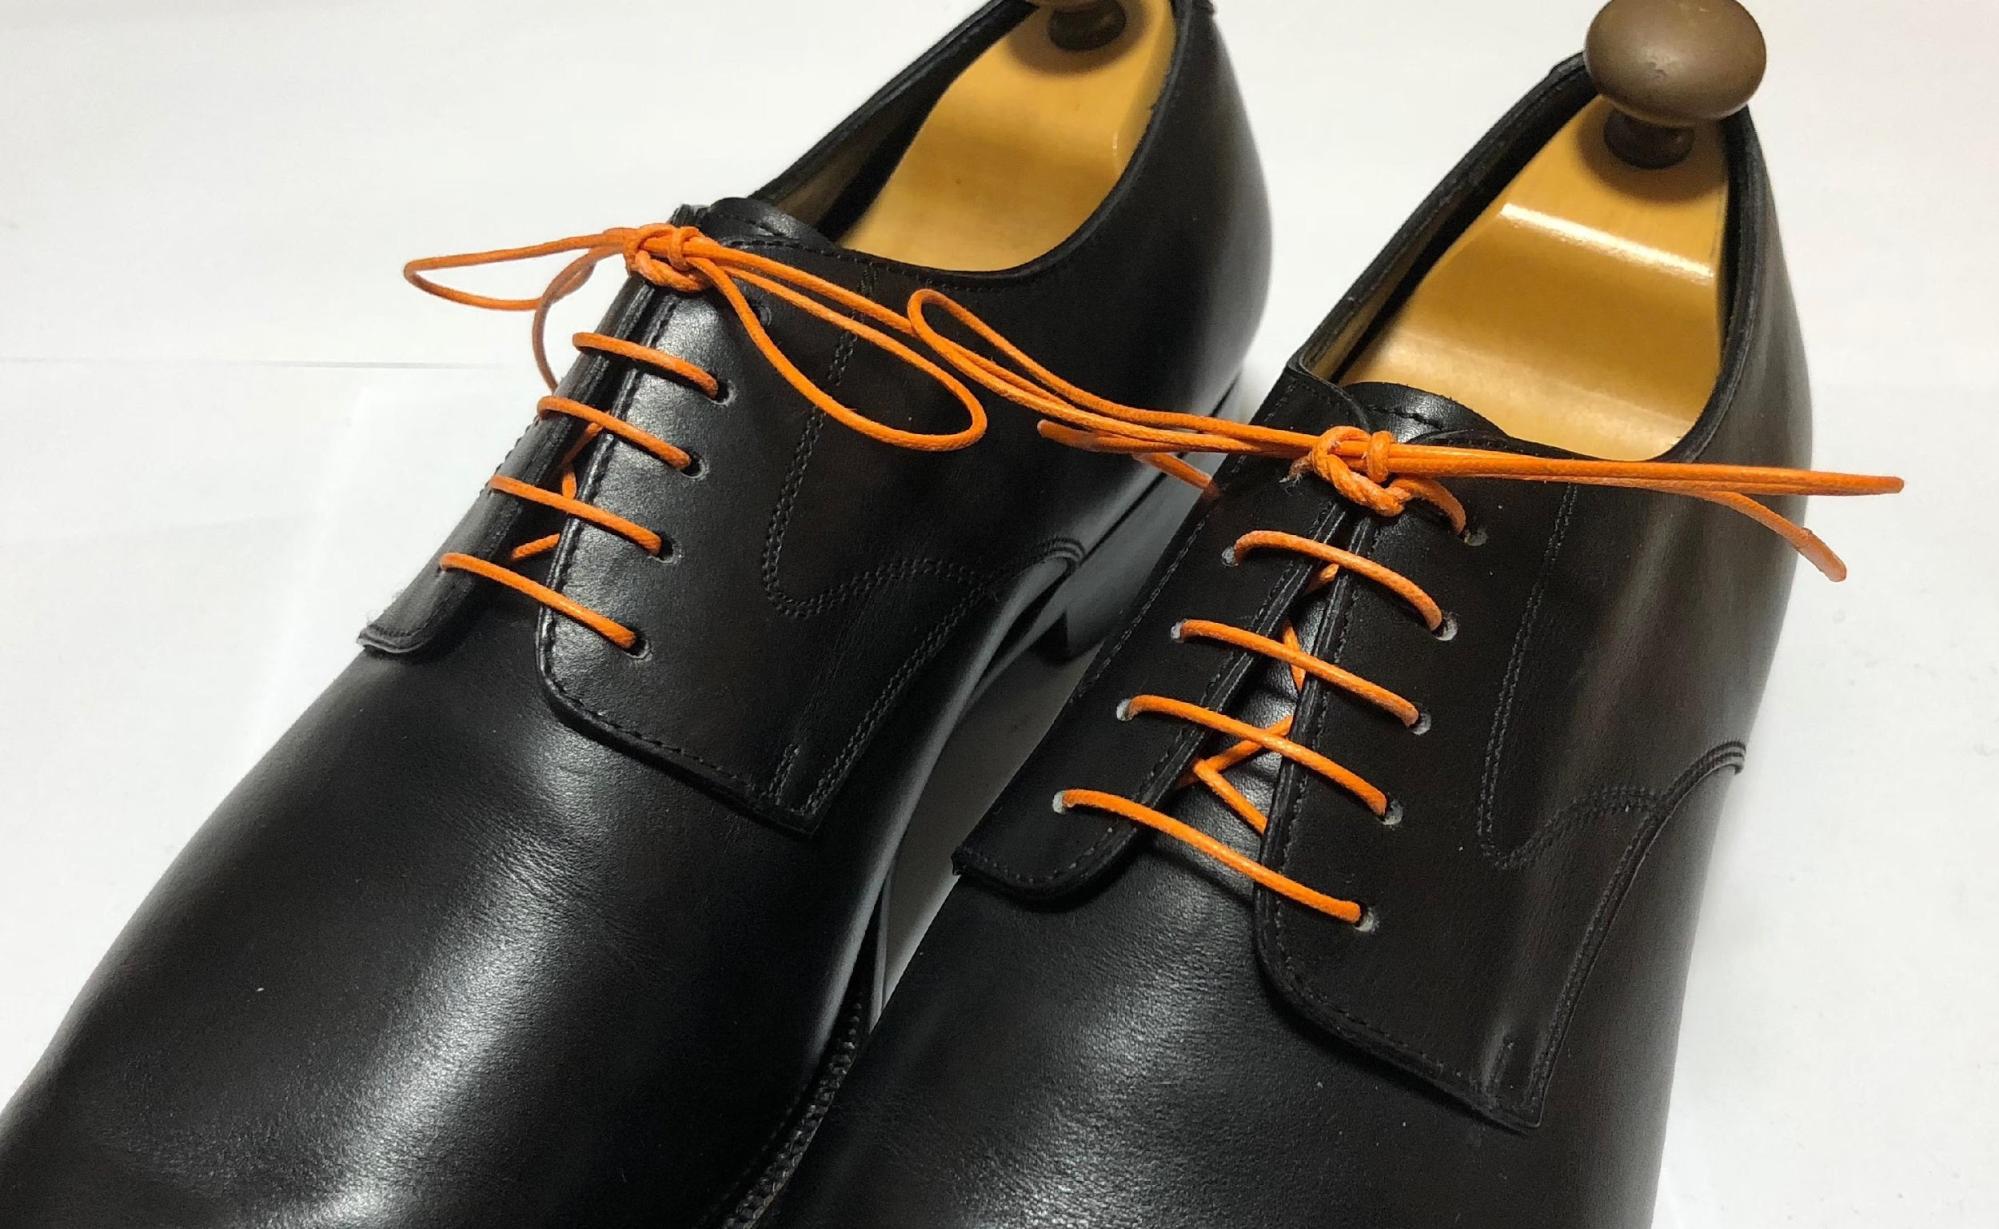 靴 紐 ほどけ ない 正しい靴の履き方と靴ひもの通し方│ミズノ発見隊│ええもん│ミズノ